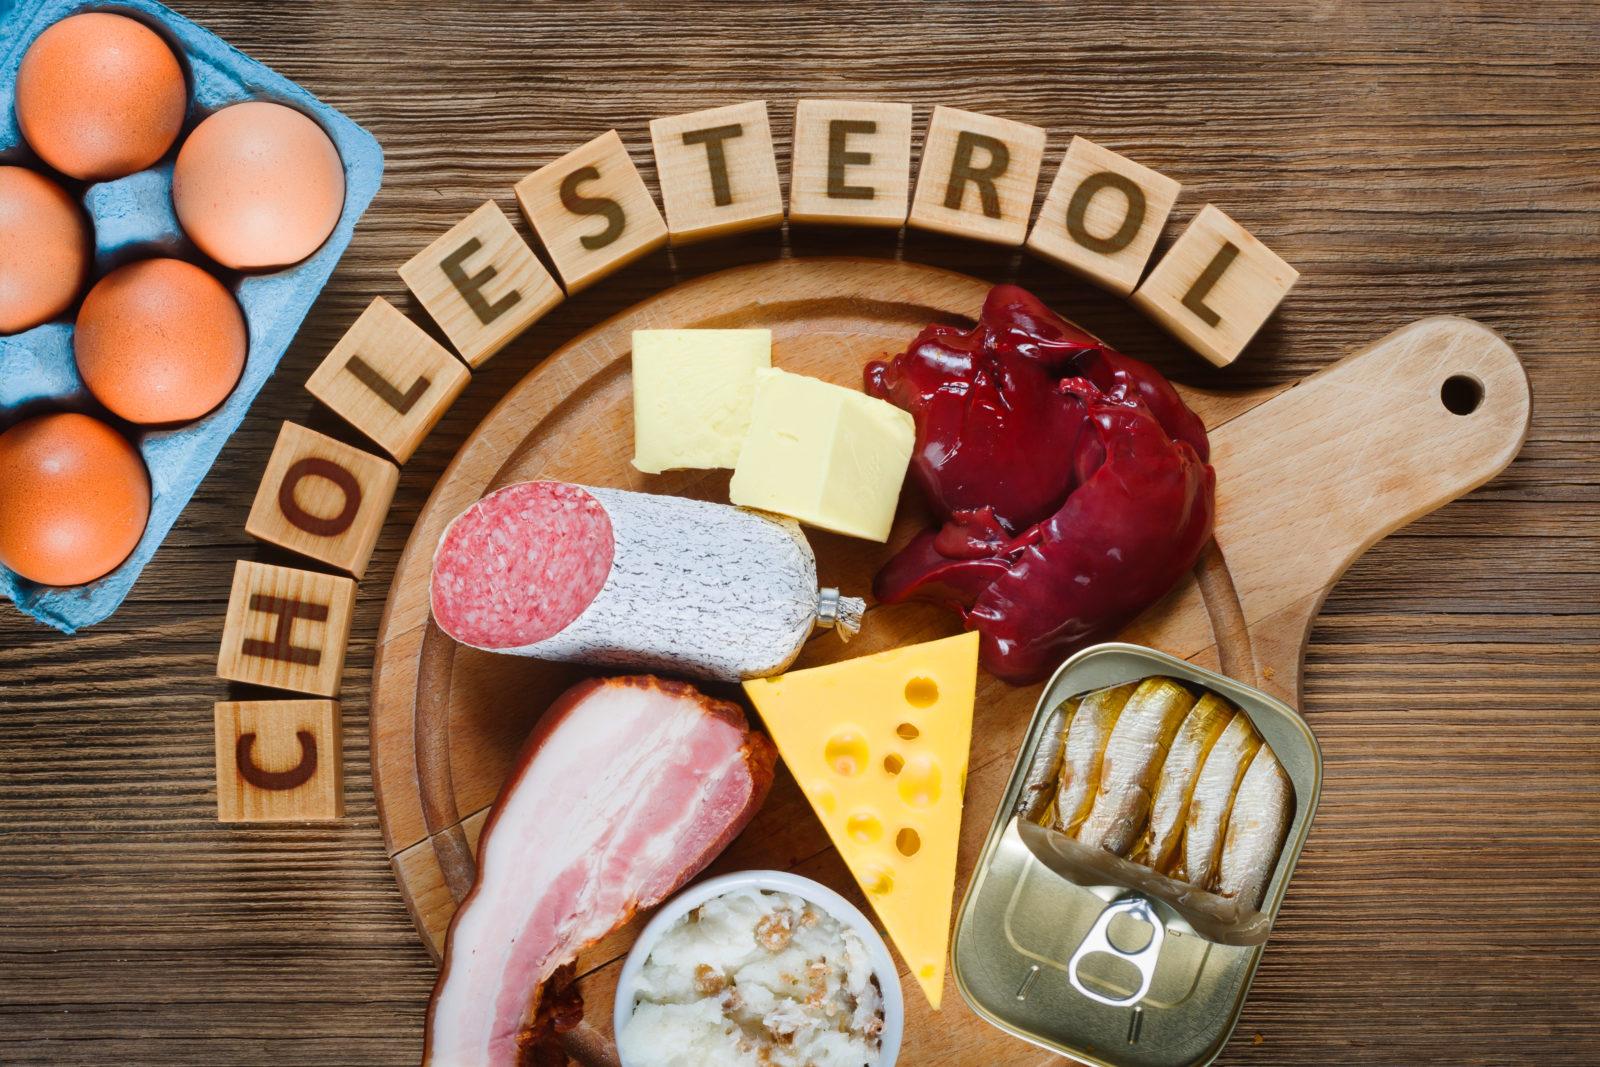 Le mauvais cholestérol est favorisé par certains aliments